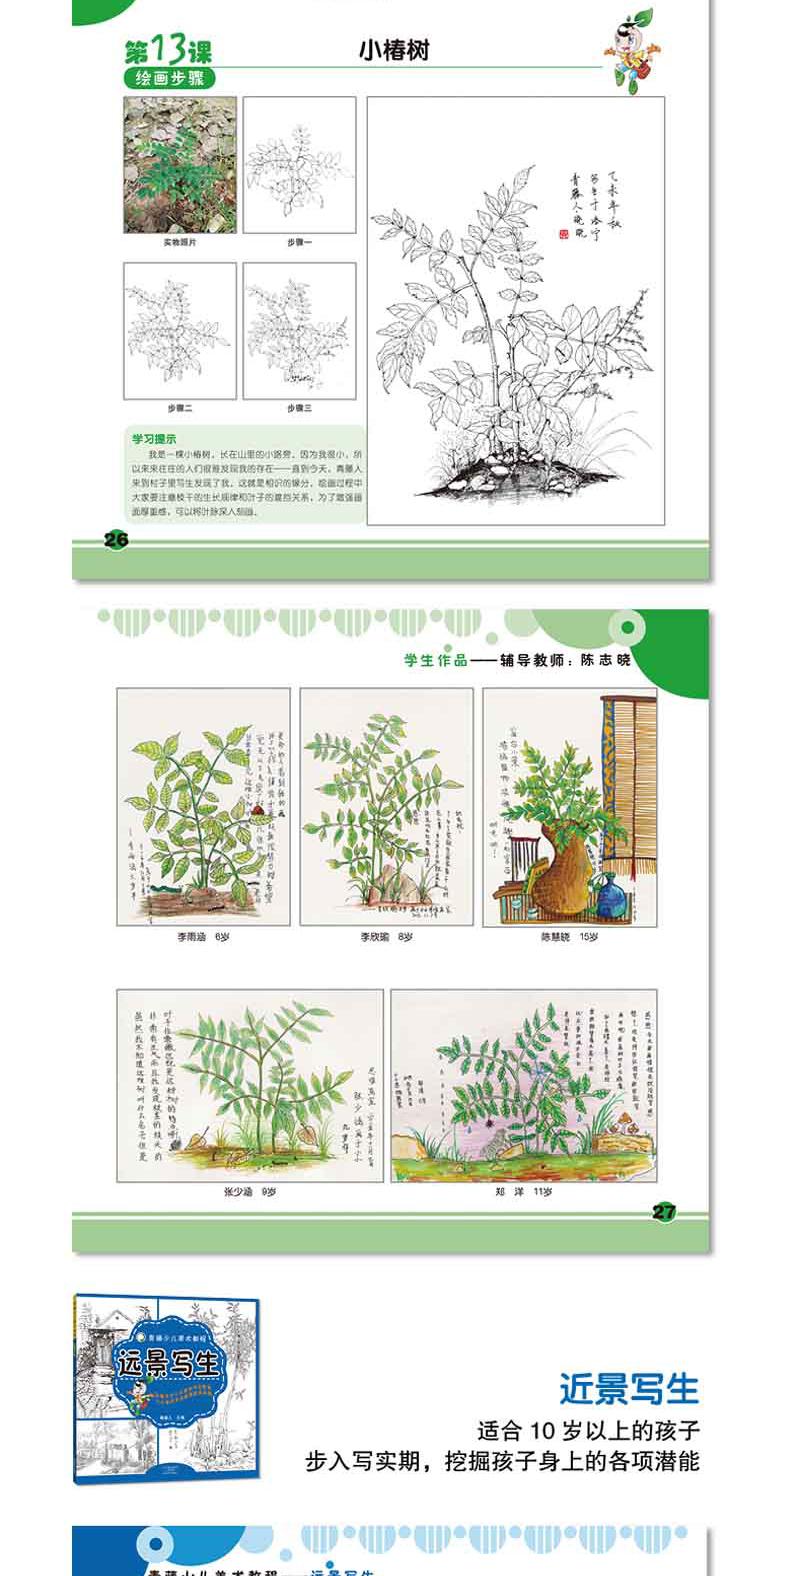 正版青藤少儿美术教程全套7册风景写生装饰线描画儿童美术培训